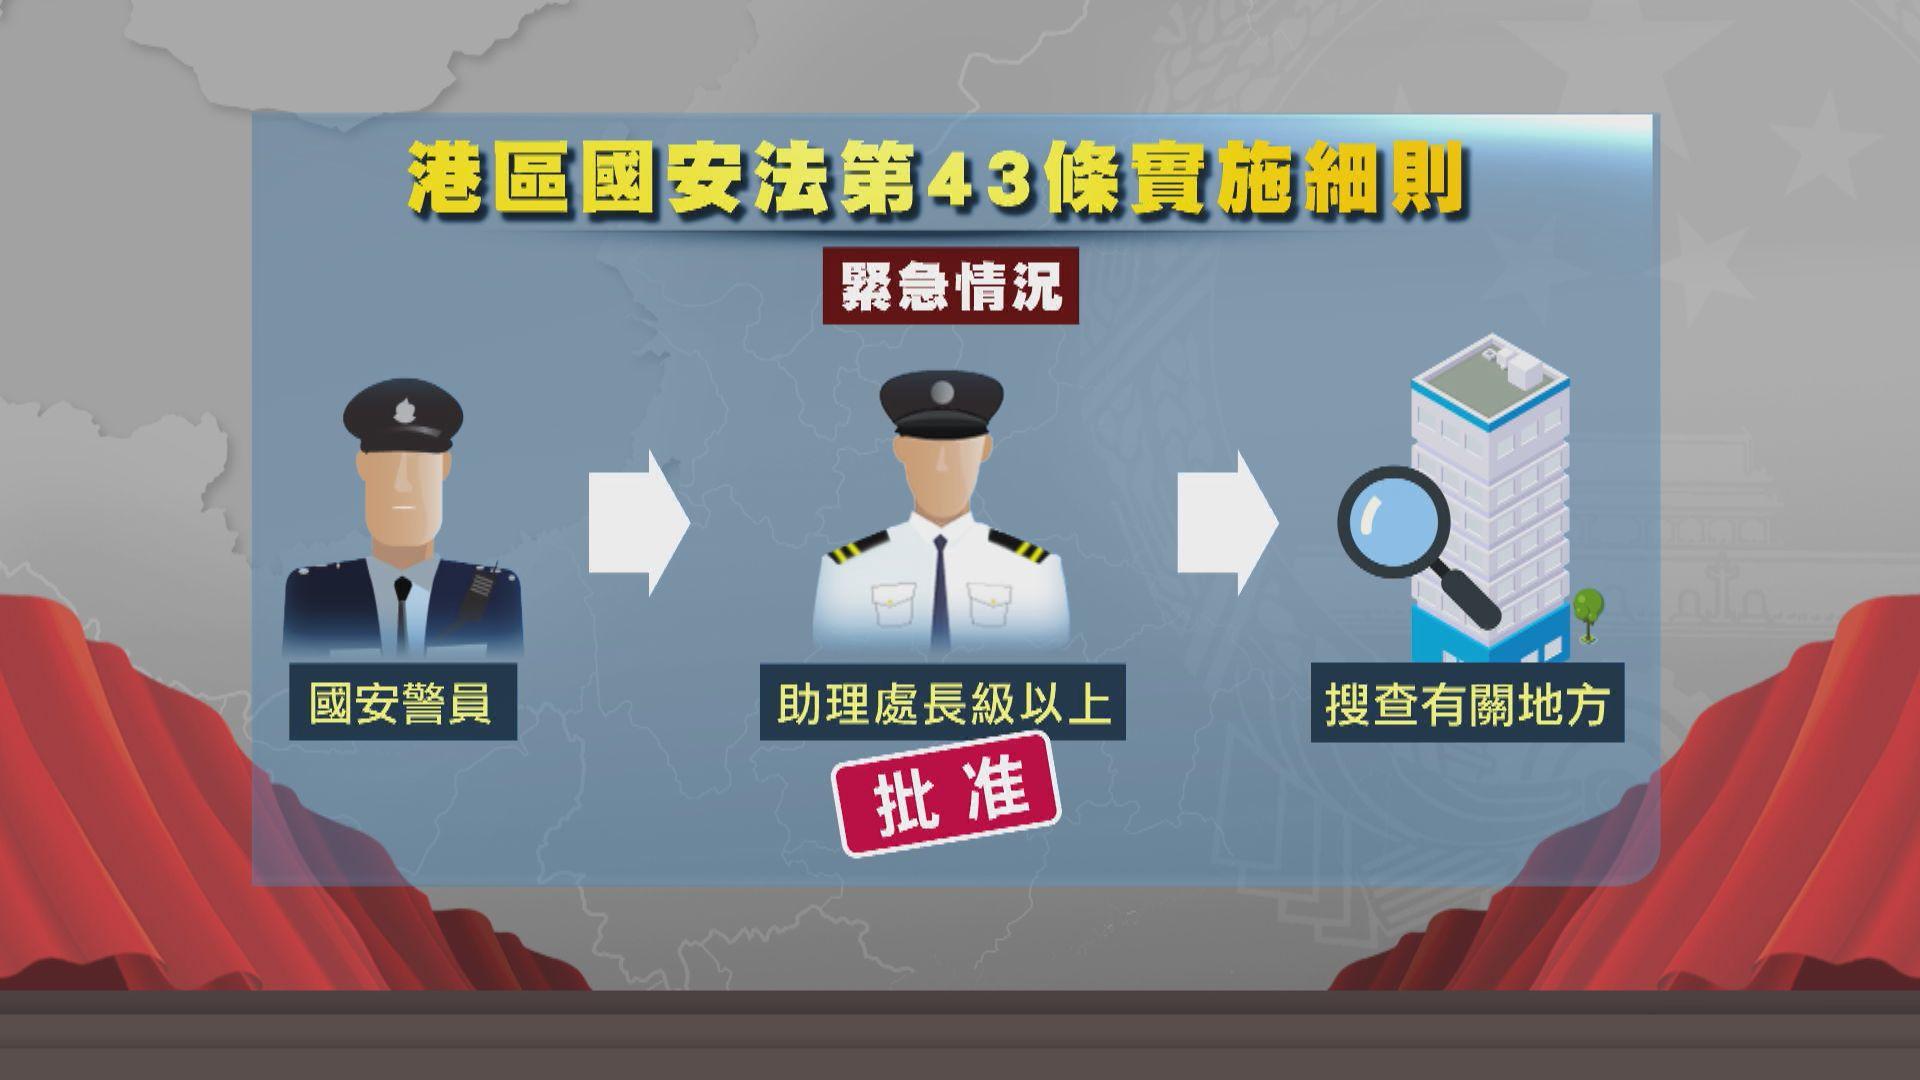 緊急或特殊情況下警員無手令可入屋搜證